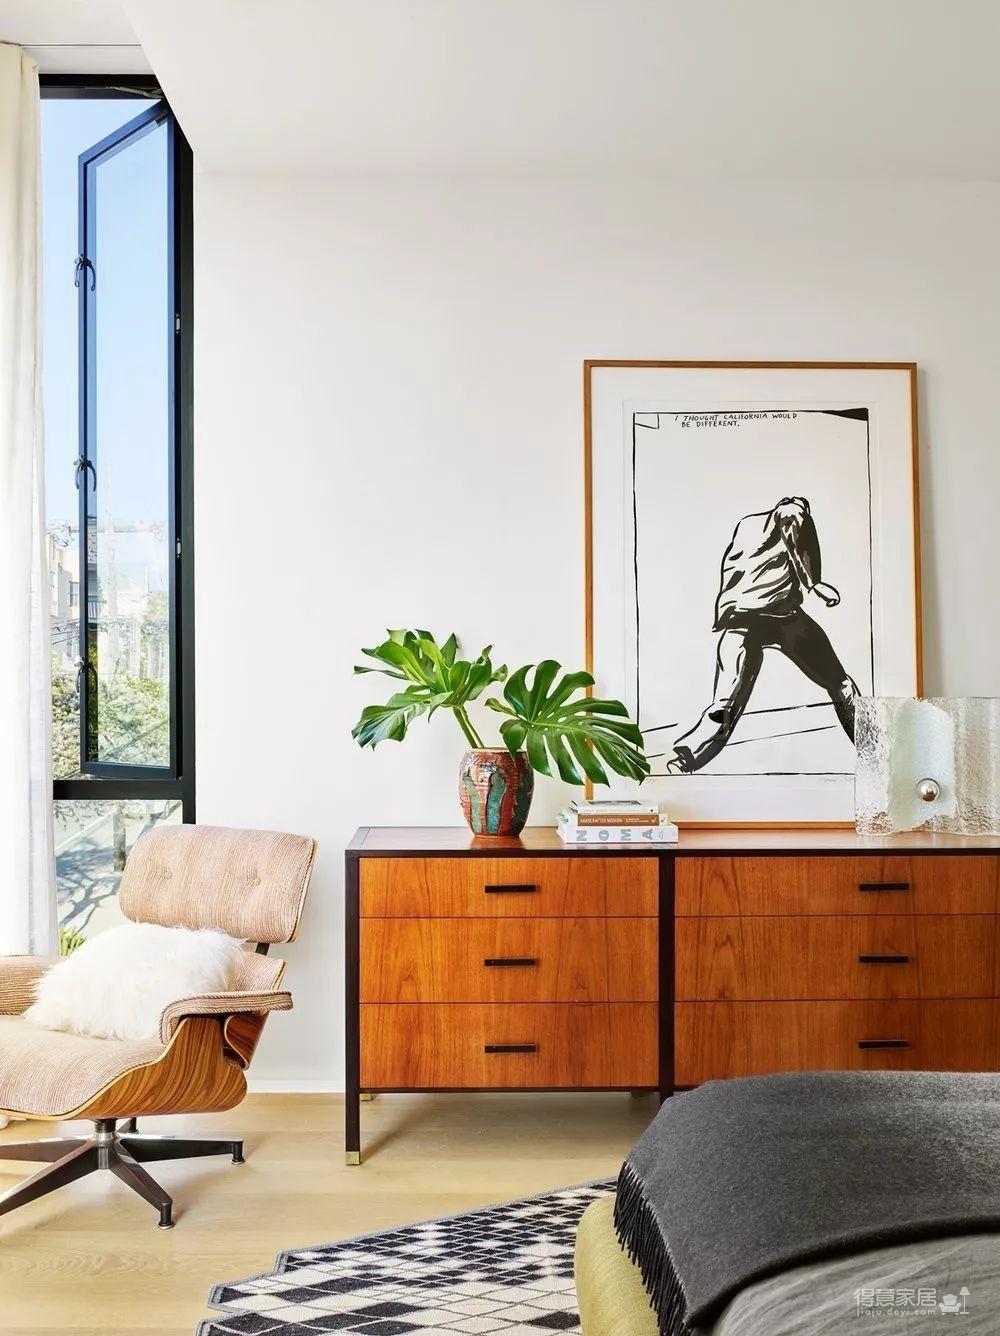 老式家具这么搭,空间的艺术感丰富了!图_14